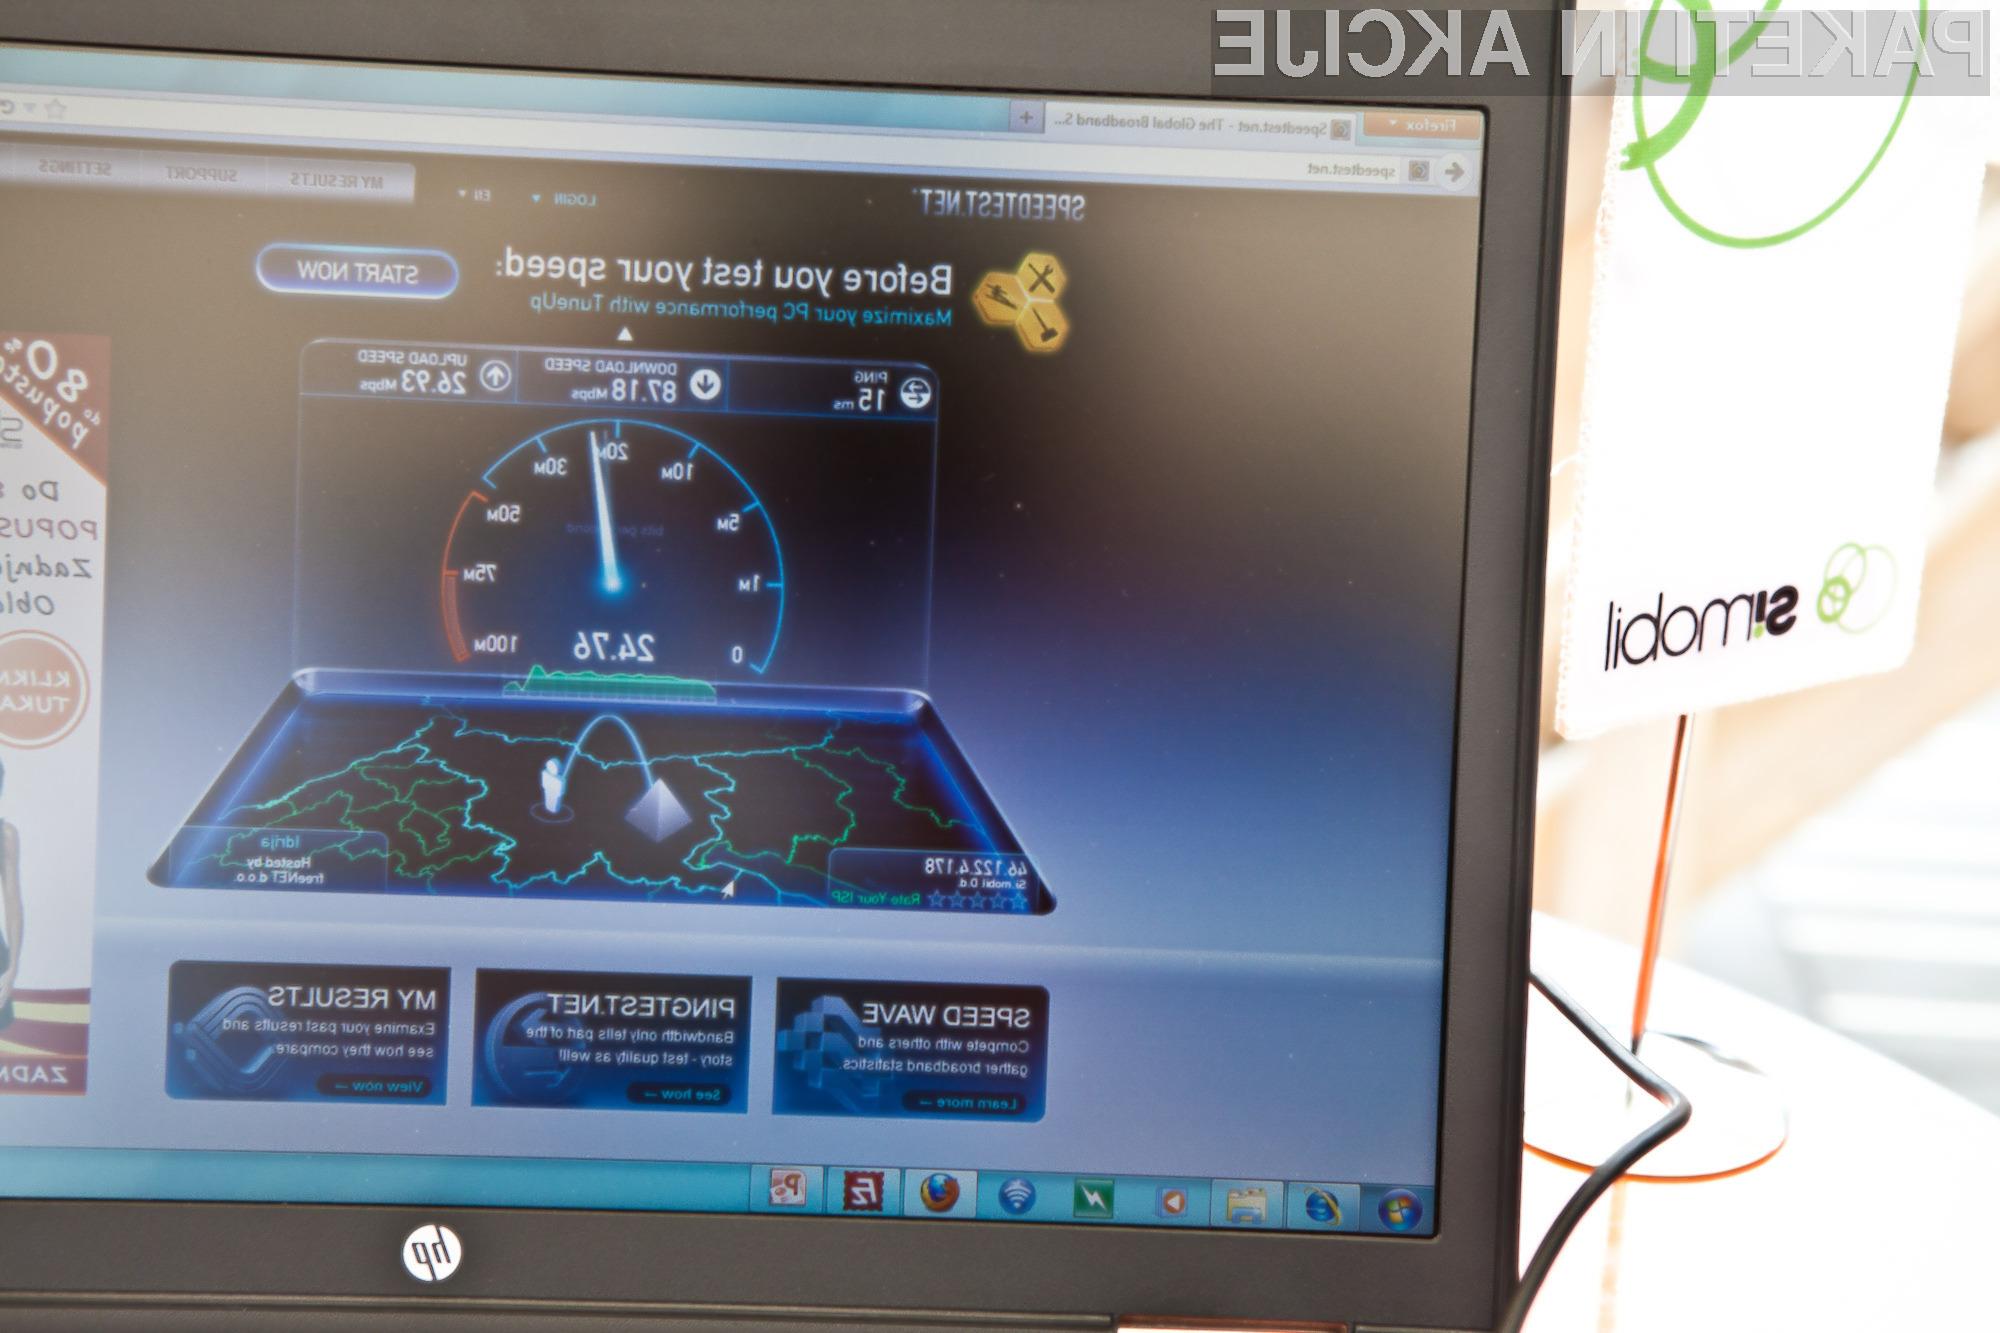 Test hitrosti so opravili s priljubljenim programom na spletni strani www.speedtest.net